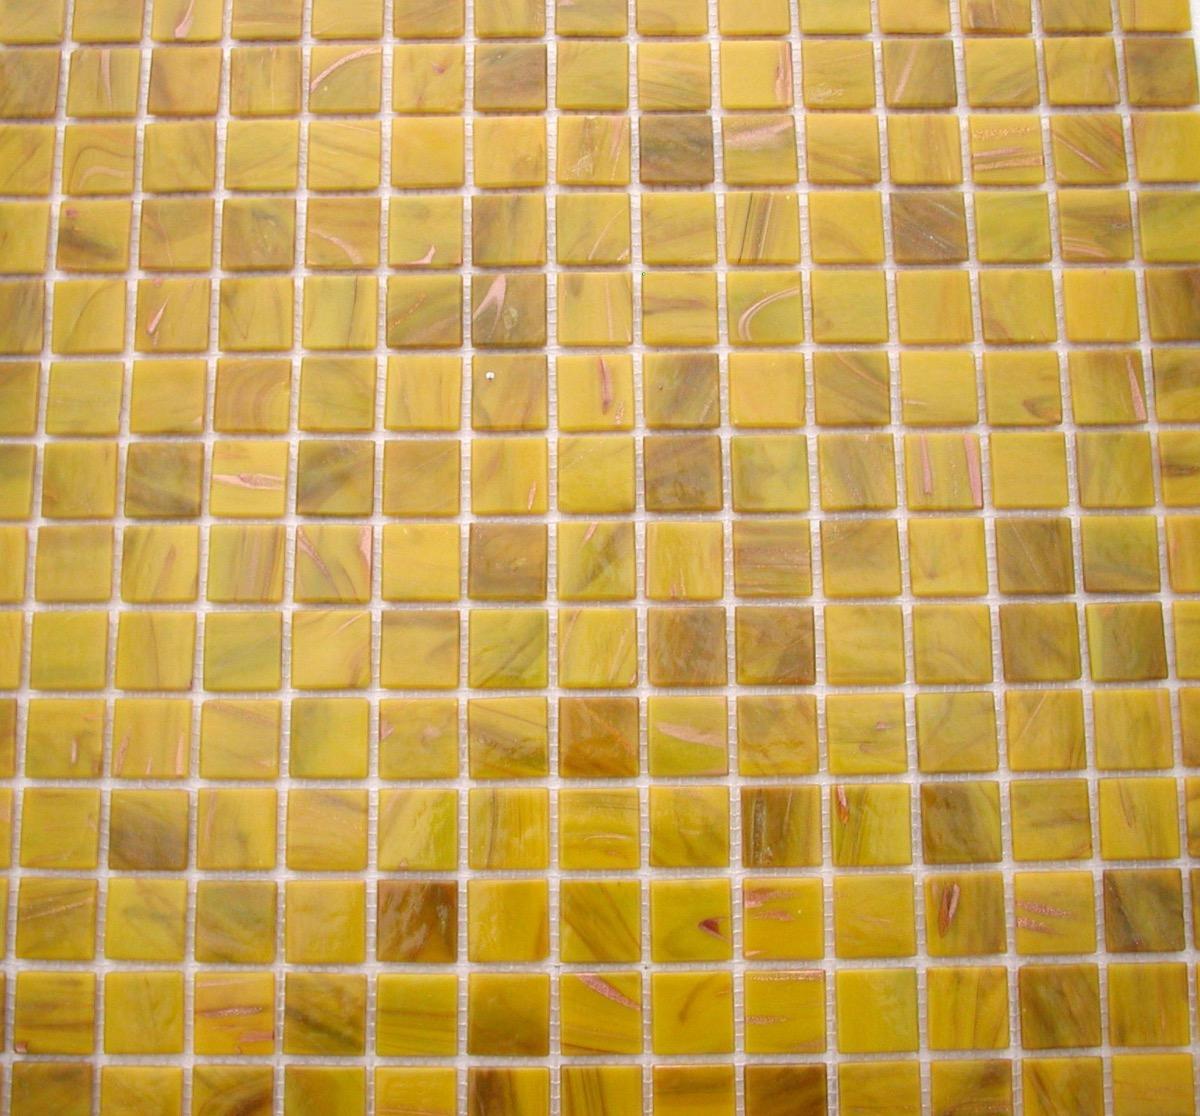 Jaune Mosaïque Pâte De Verre Jaune Safran Gemme Par Plaque